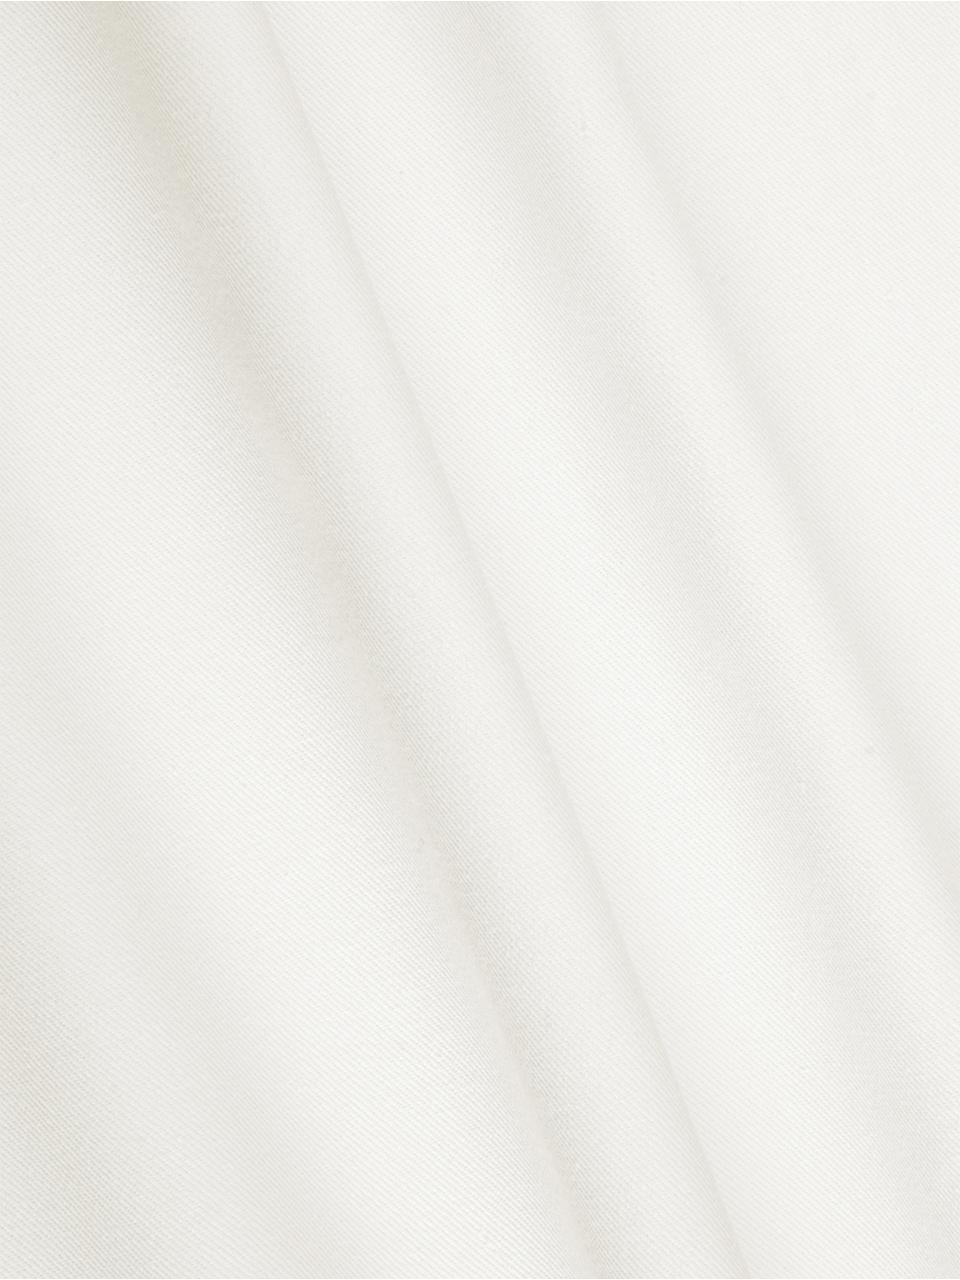 Baumwoll-Kissenhülle Mads in Weiß, 100% Baumwolle, Weiß, 40 x 40 cm